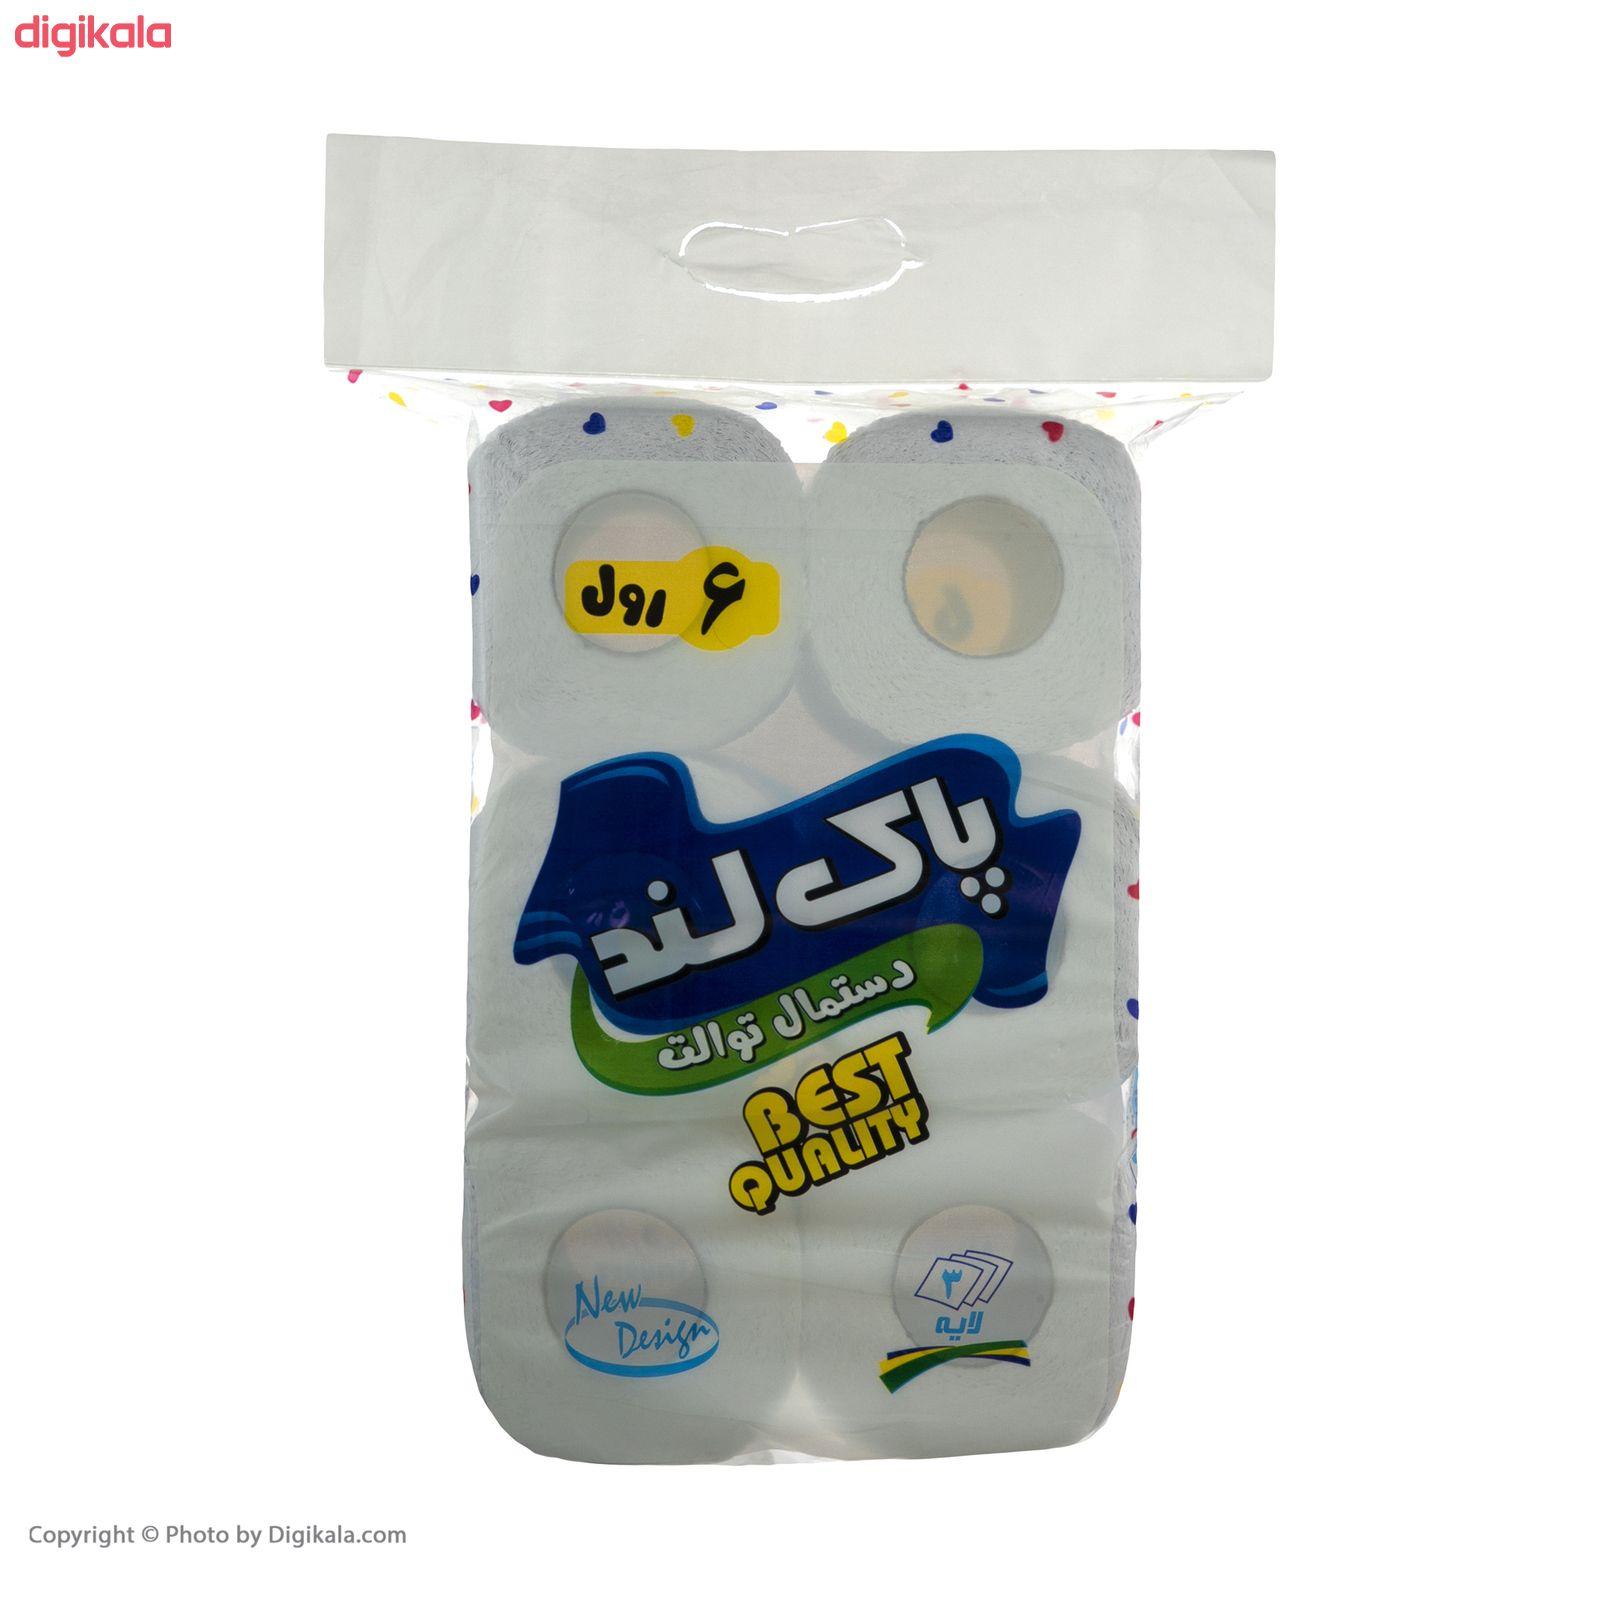 دستمال توالت پاکلند مدل Heart بسته 6 عددی main 1 1